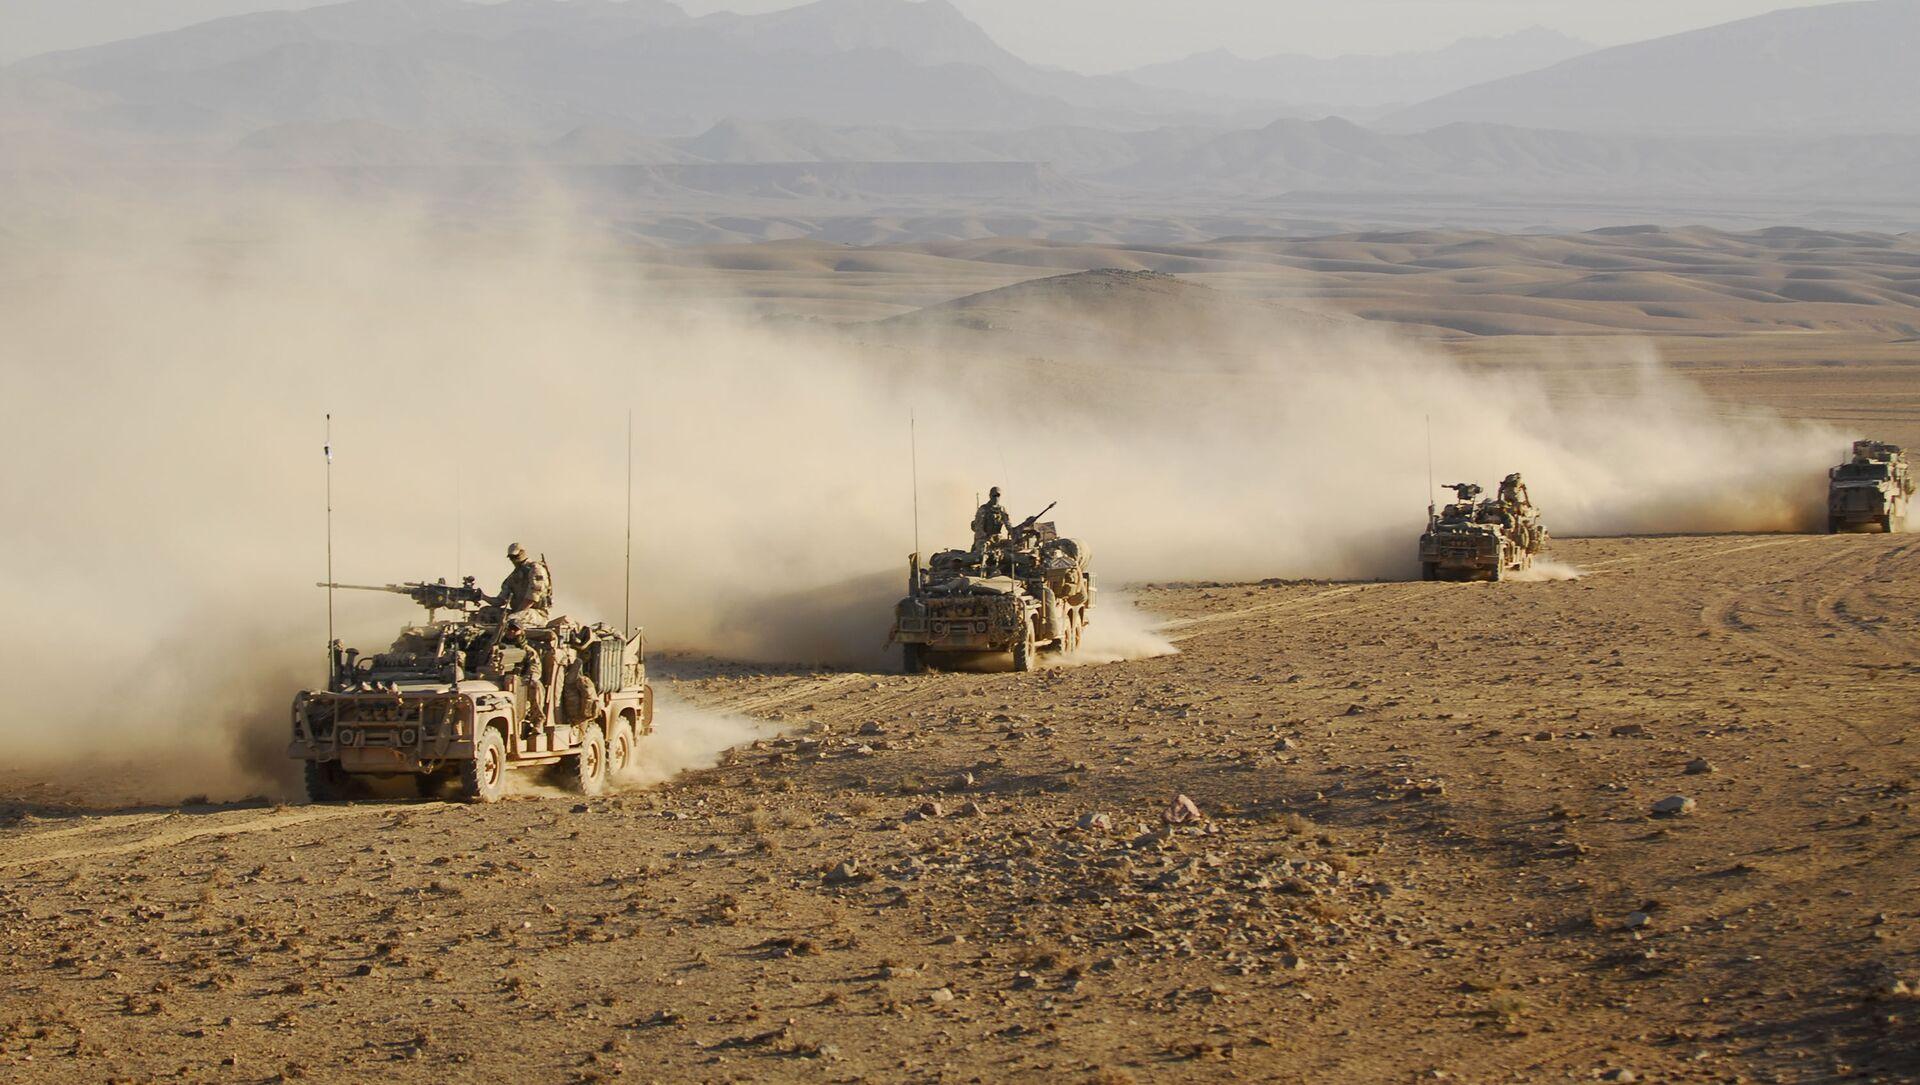 Forze speciali australiane su veicoli di pattuglia a lungo raggio guidano in convoglio attraverso uno dei deserti dell'Afghanistan (File) - Sputnik Italia, 1920, 21.02.2021